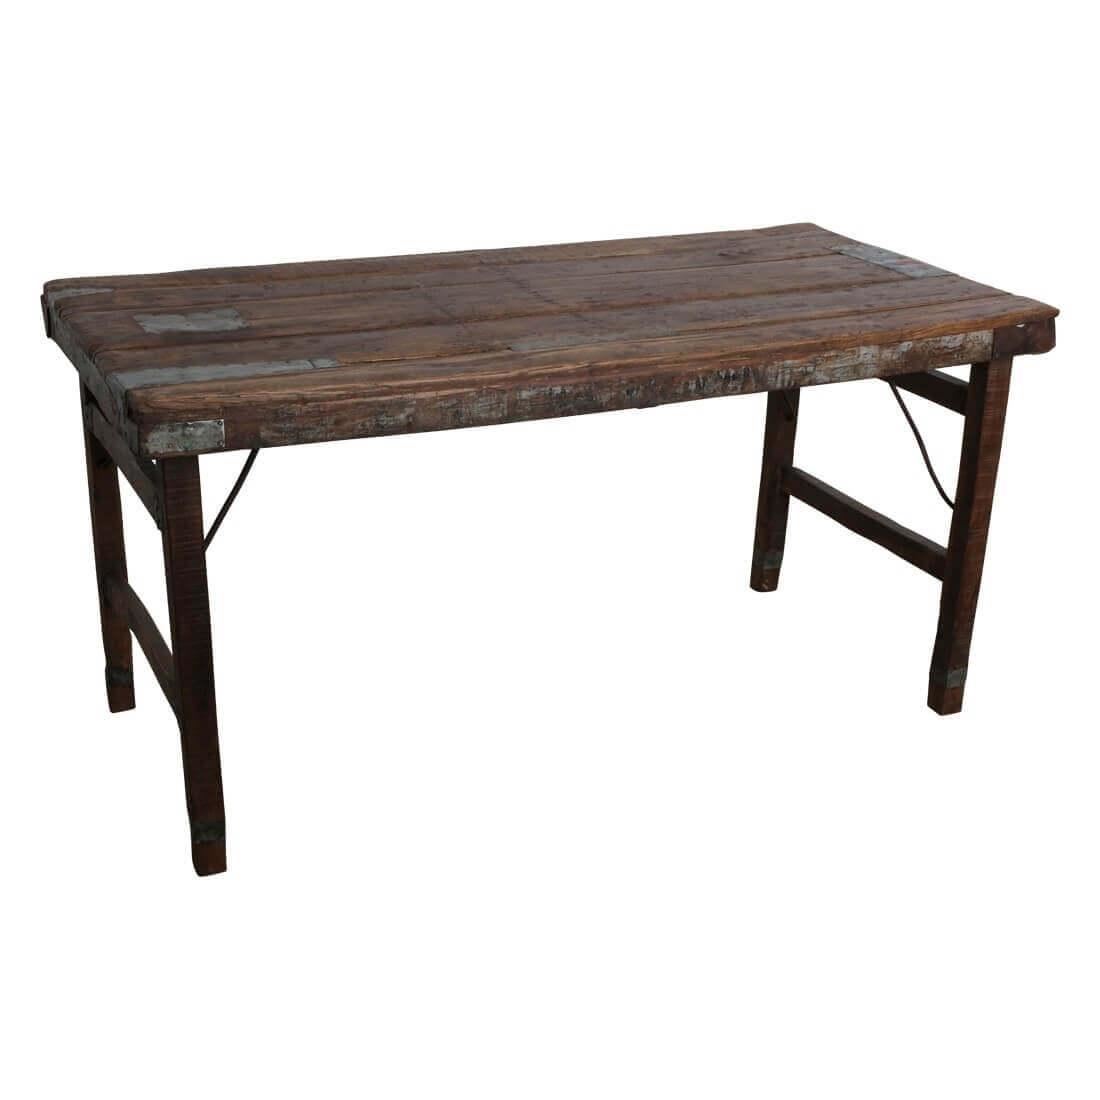 Table pliante bois marron